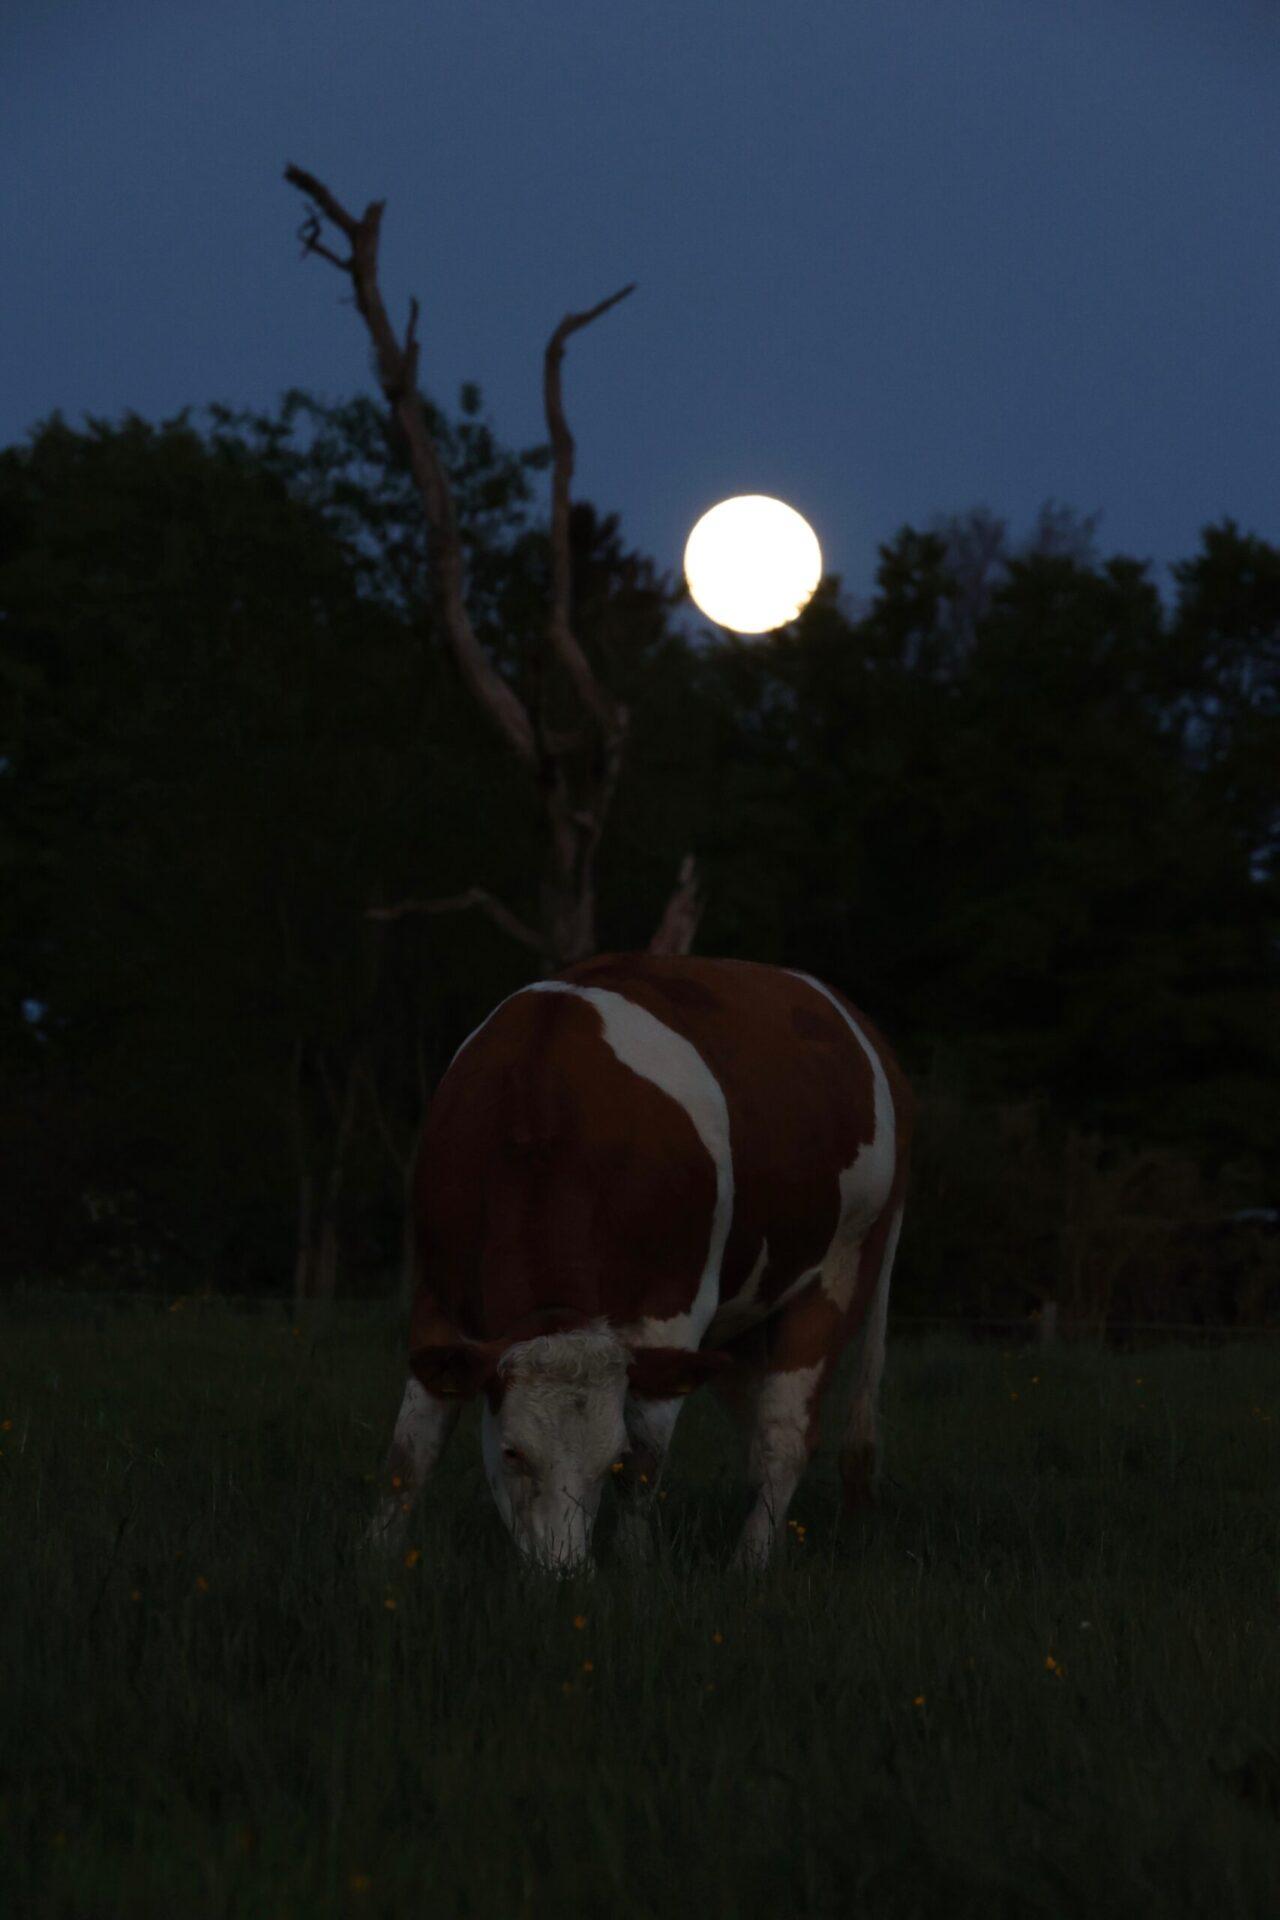 Eine Kuh steht auf einer dunklen Weide. Im Hintergrund strahlt der Vollmond.